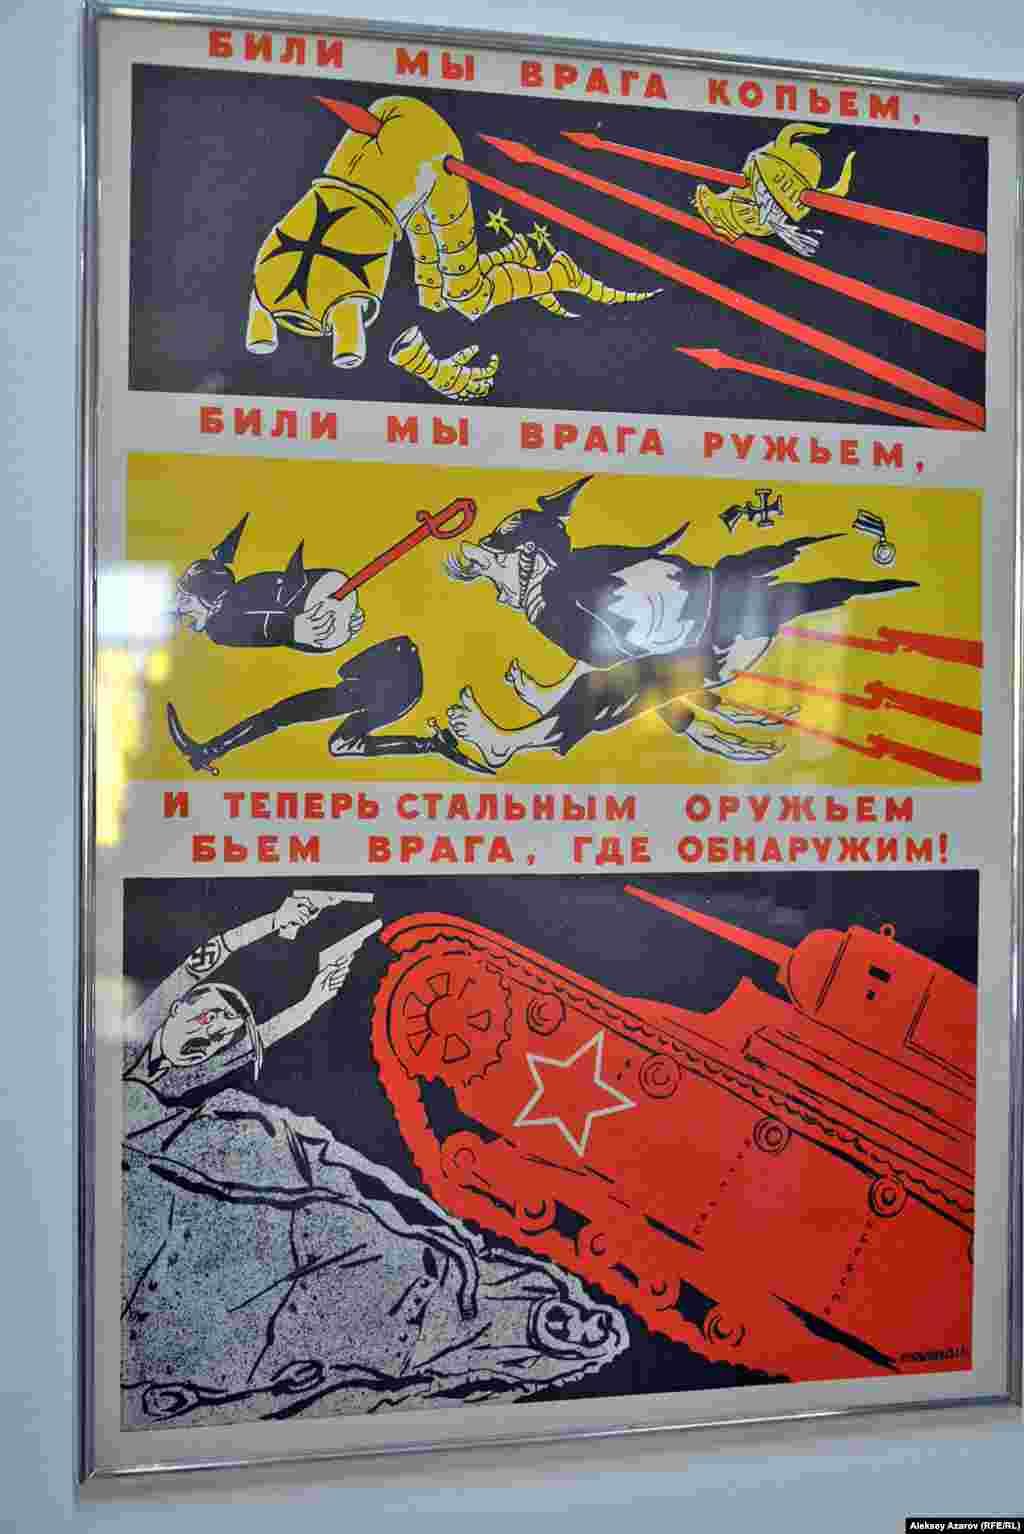 Первым плакатом в коллекции Бориса Бруля, по словам арт-менеджера галереи«Улар», стал этот плакат Кукрыниксов. Для тех, кто не знает или не помнит, Кукрыниксы – это творческий псевдоним трех советских графиков и живописцев (Михаила Куприянова, Порфирия Крылова и Николая Соколова), составленный из первых слогов двух первых фамилий (Ку и Кры) и первого слога и первого звука имени и фамилии третьего члена творческого коллектива (Никс). Кукрыниксы успешно работали в жанрах политического плаката и политической карикатуры и считаются их классиками. Этот плакат был создан в 1941 году, в годы войны. Автор текста на нем – советский писатель и поэт Валентин Катаев.